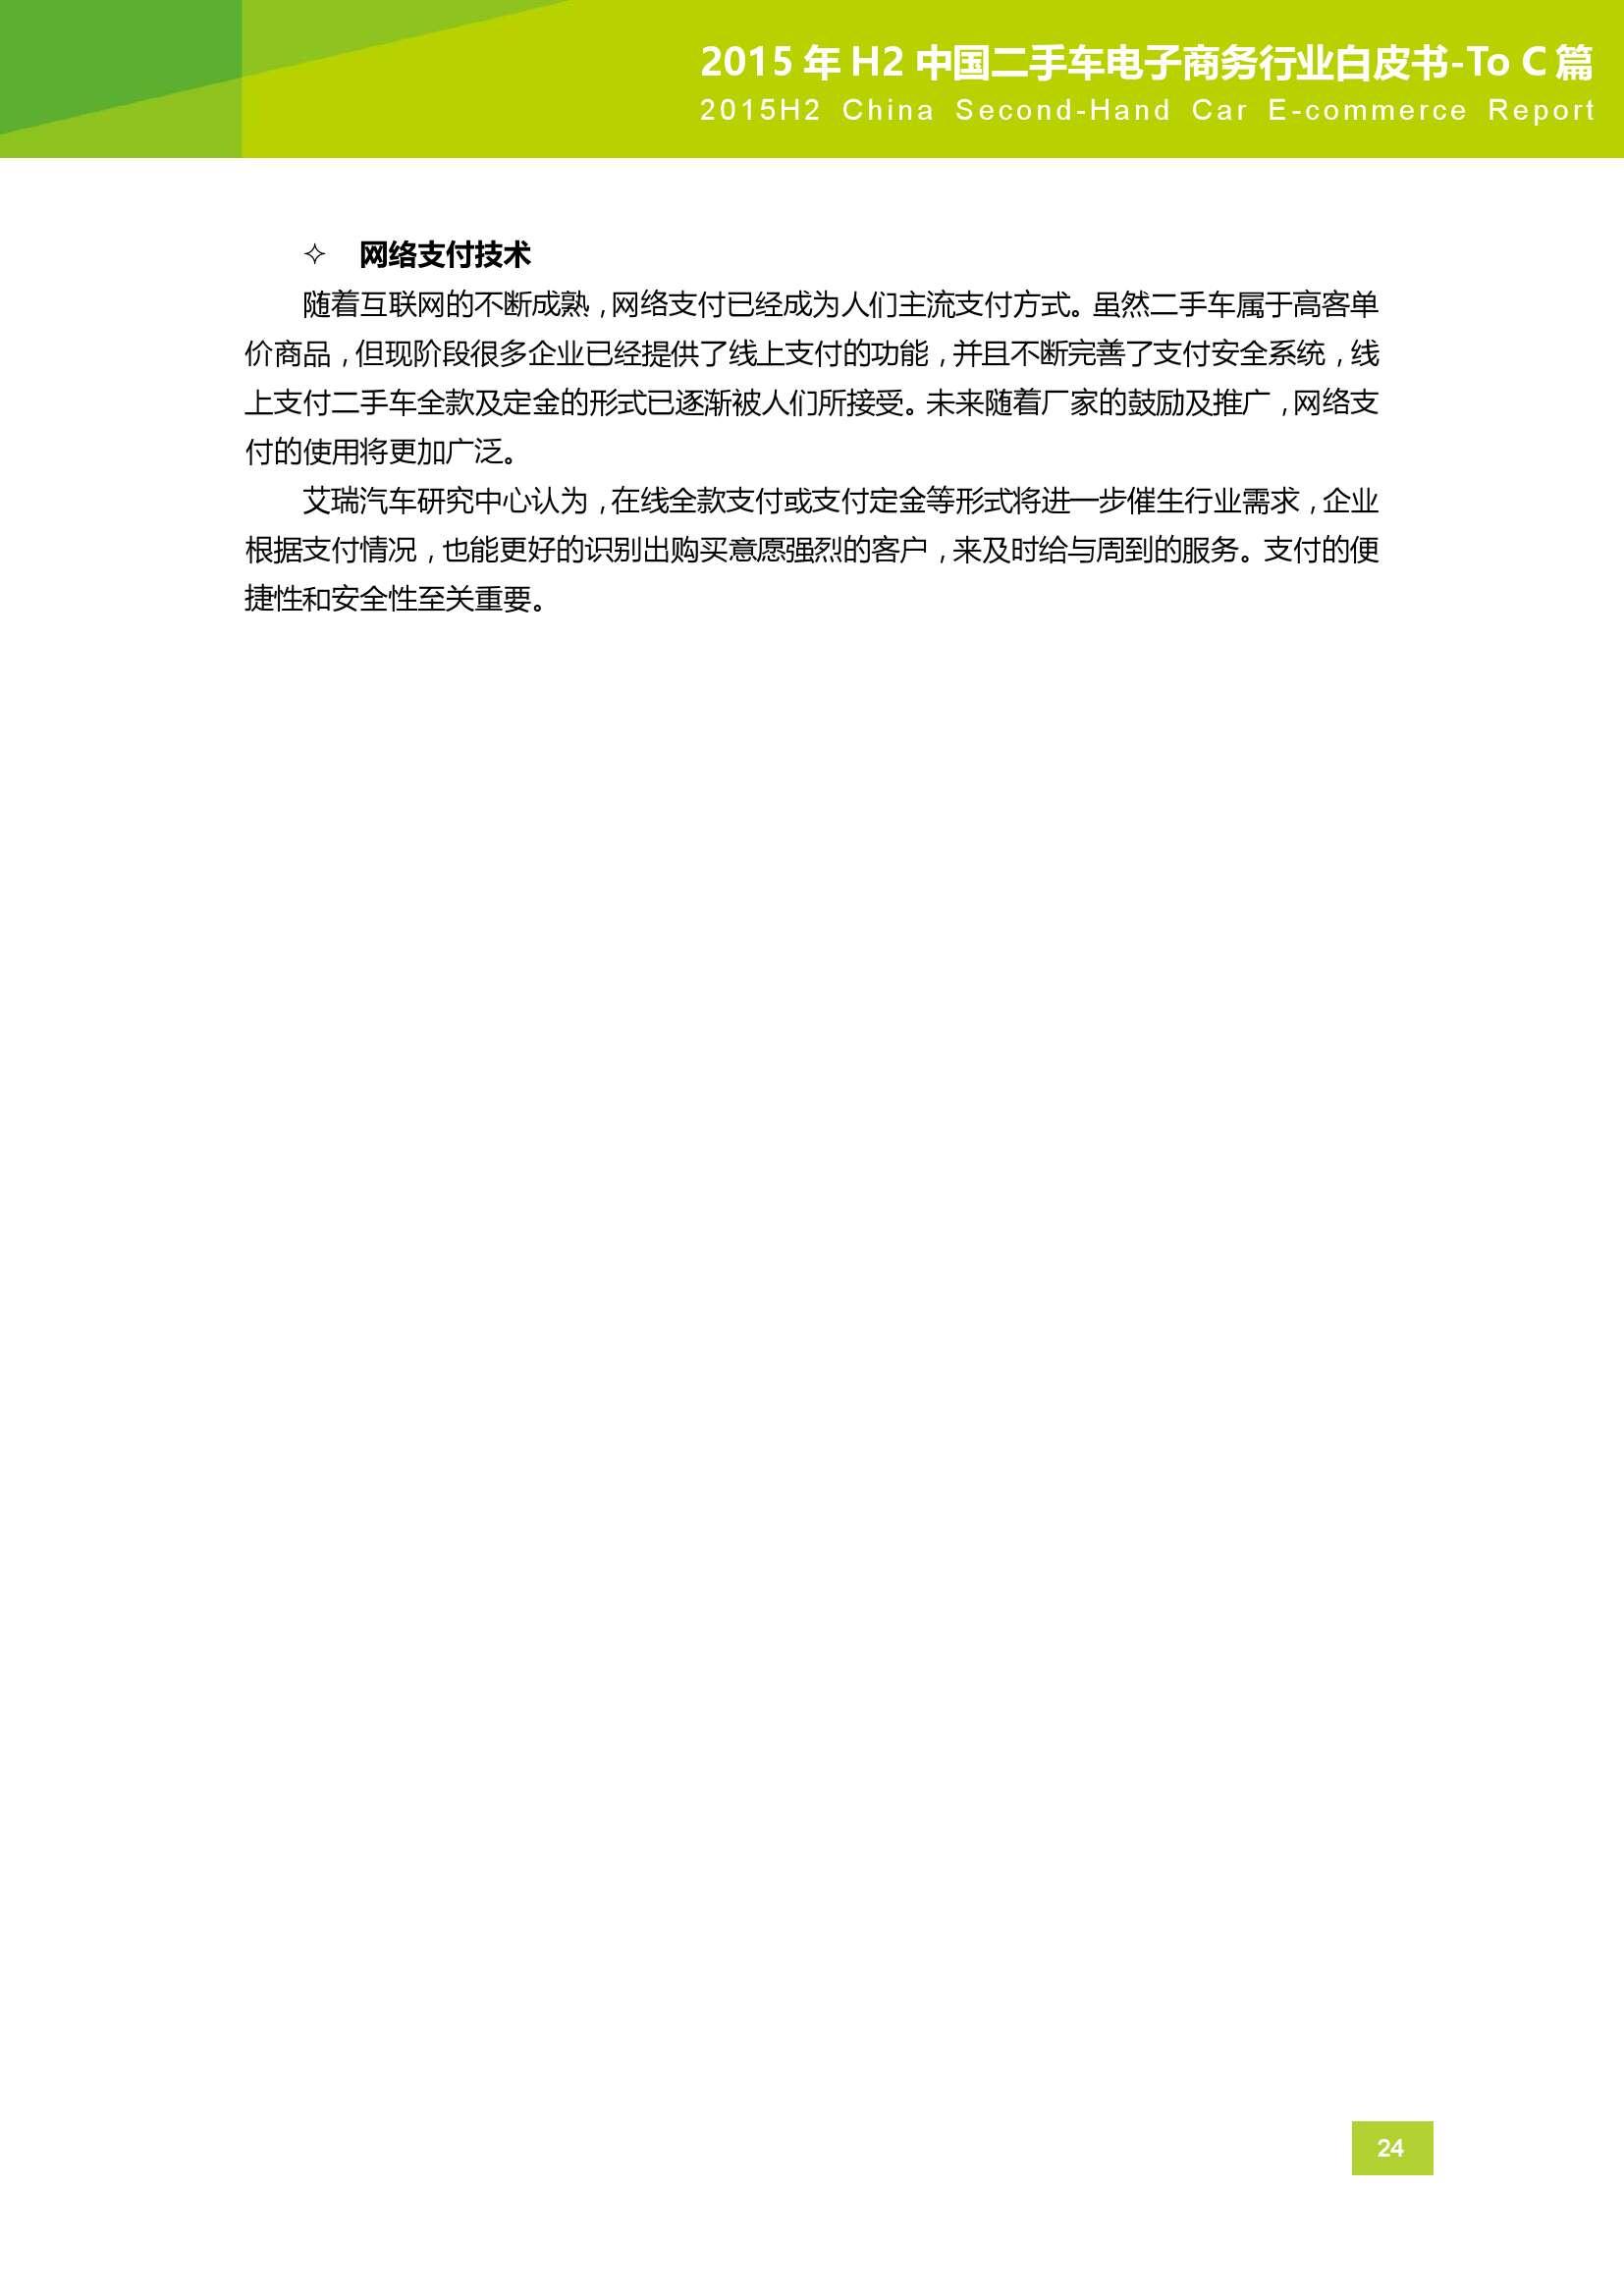 2015年H2中国二手车电子商务行业白皮书_000024